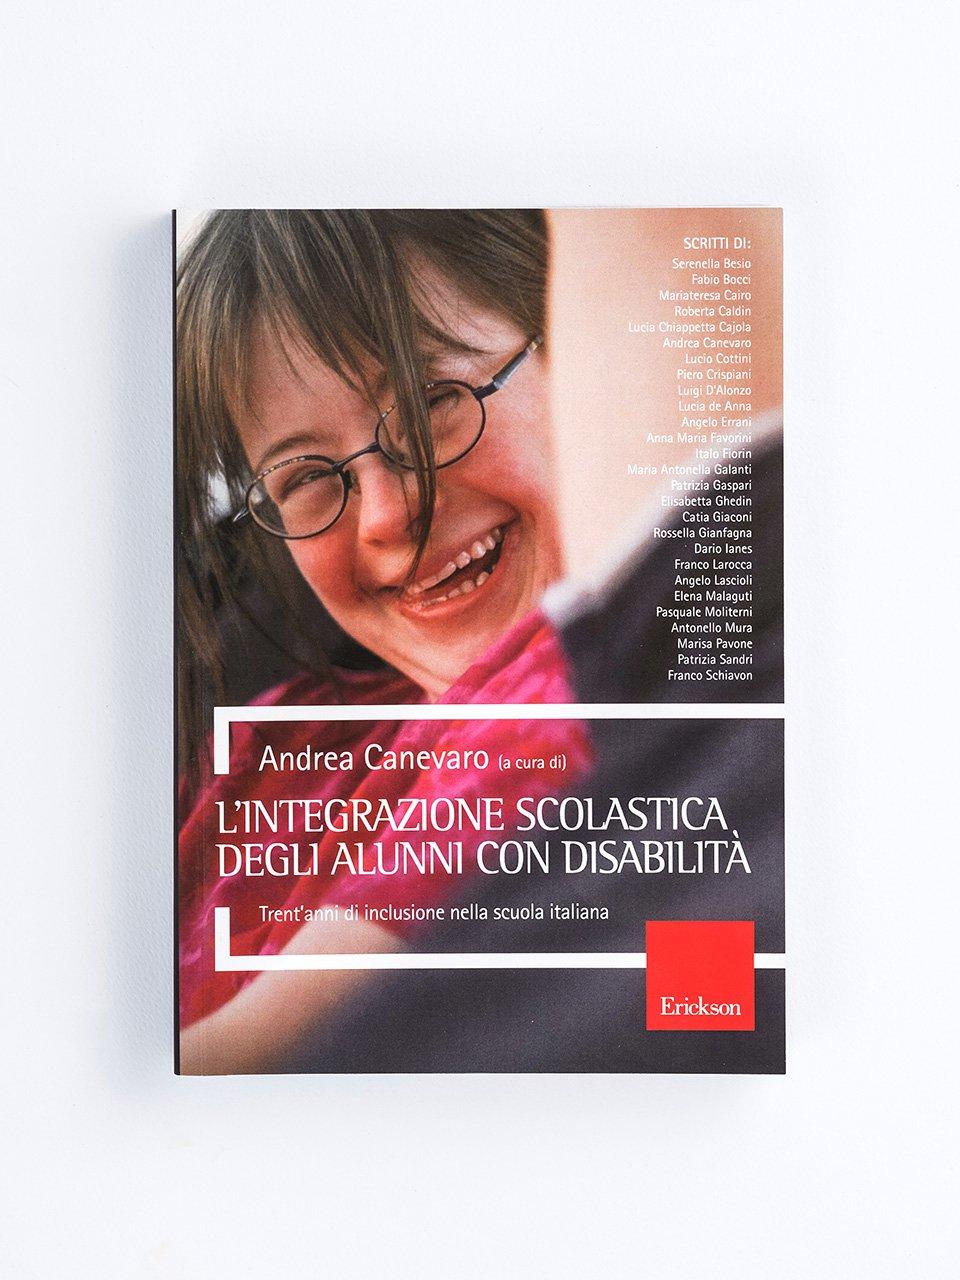 L'integrazione scolastica degli alunni con disabilità - Educare liberi da stereotipi - Formazione - Erickson